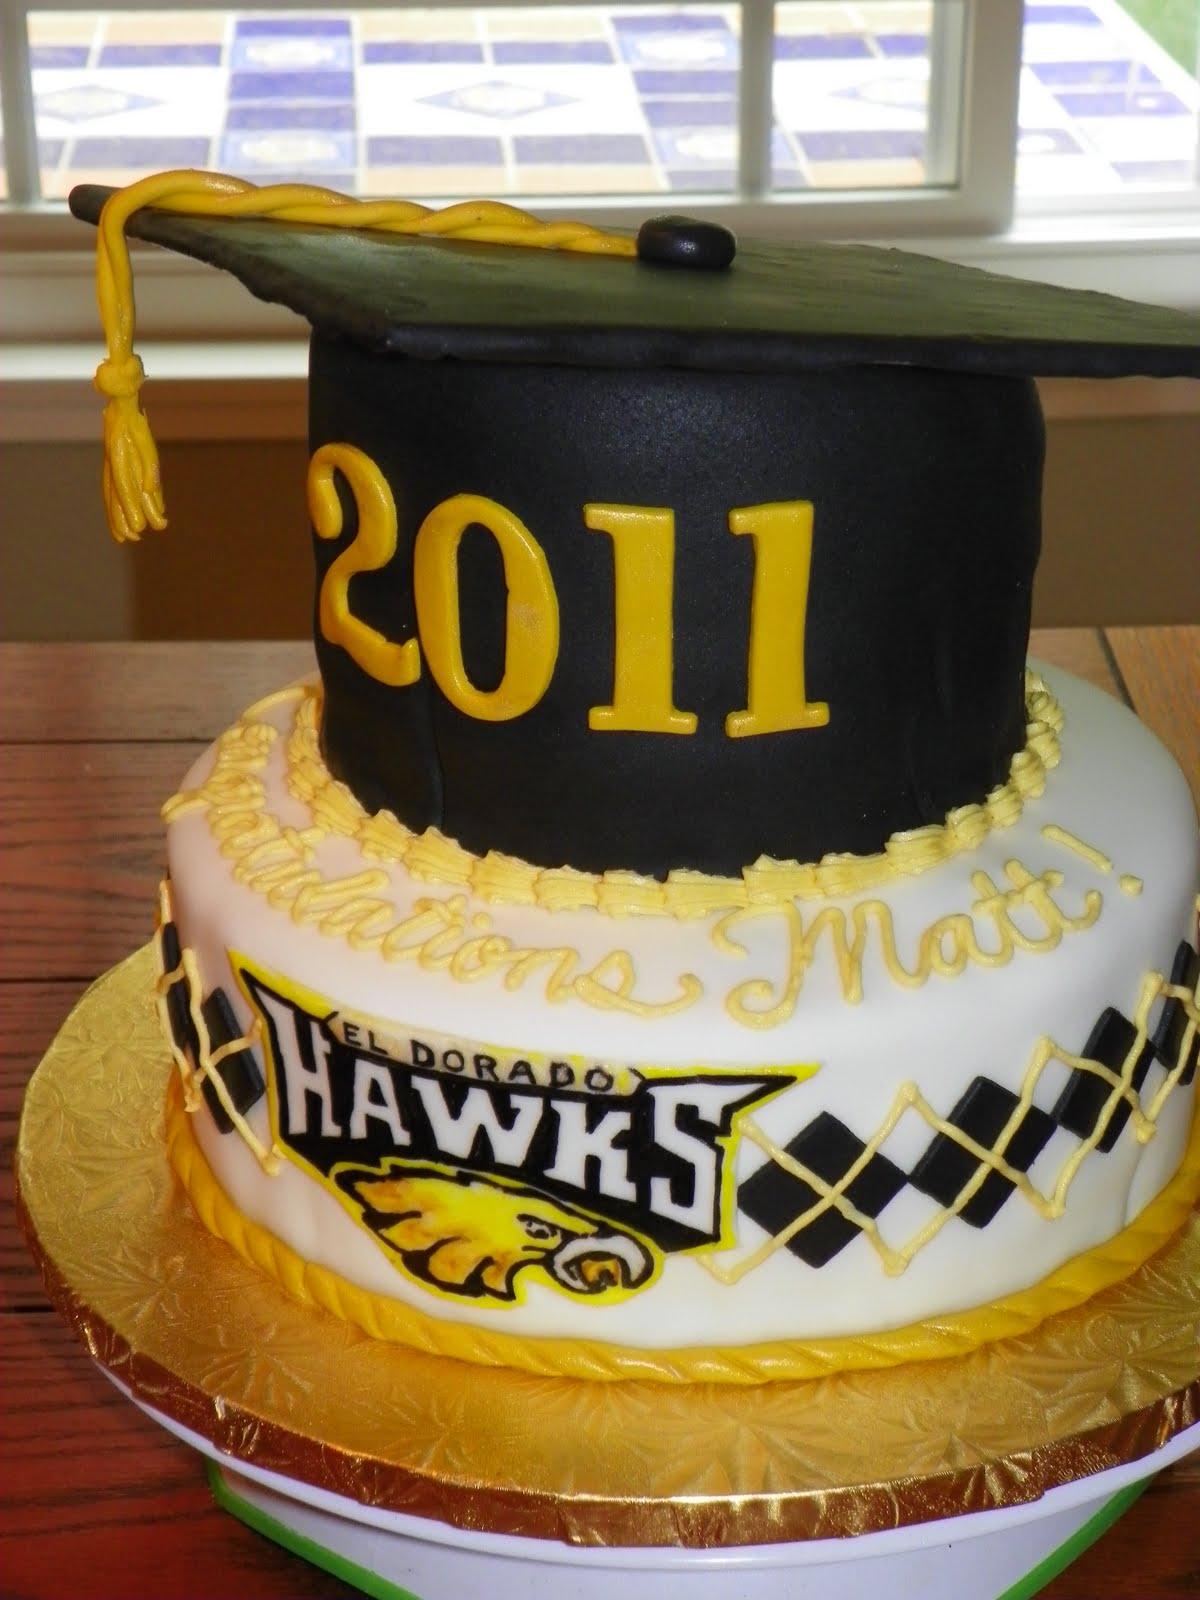 el dorado high school graduation cake  1200x1600 in 173 9KBGraduation Cakes